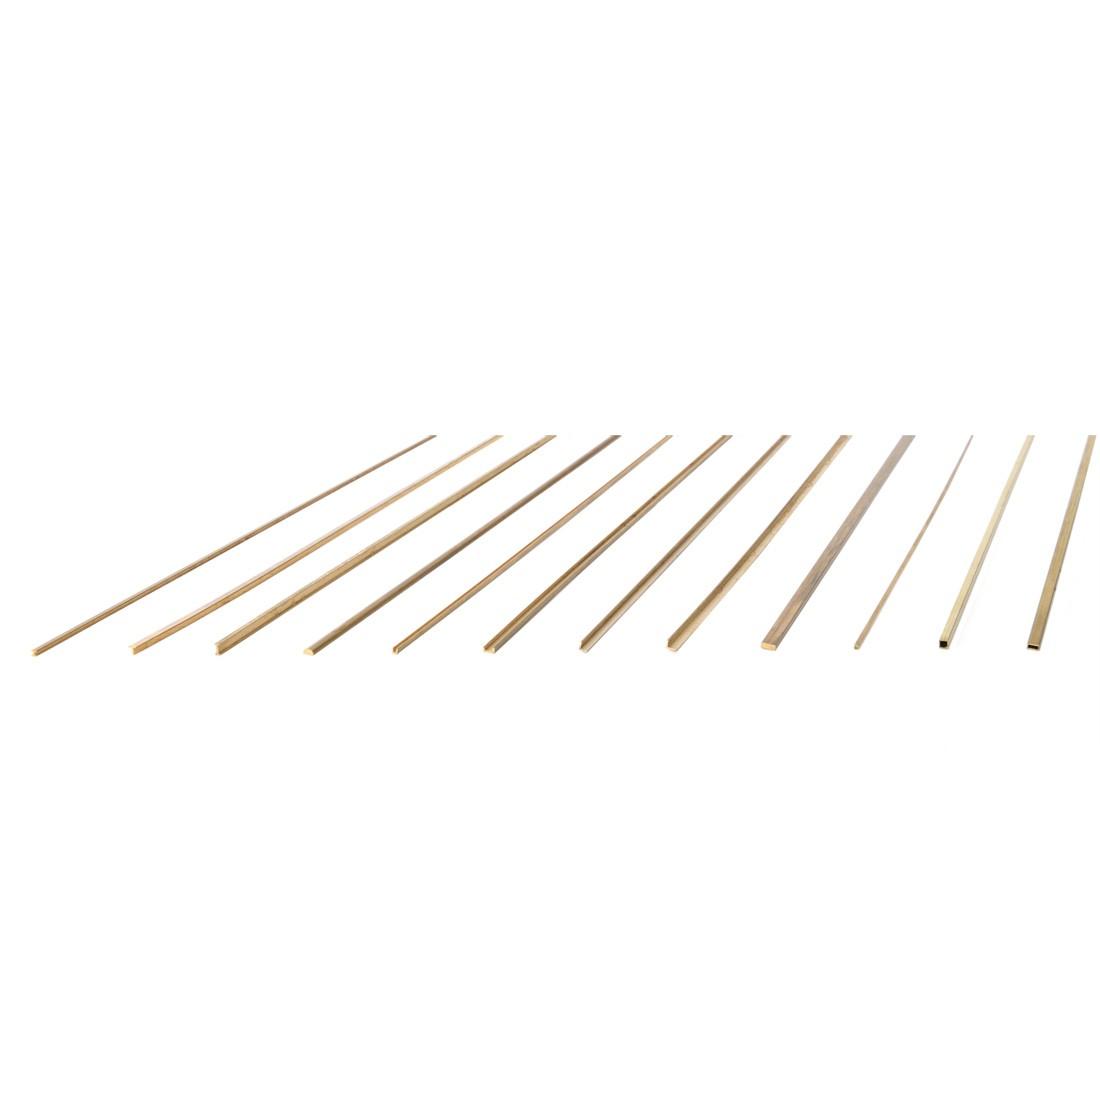 Micro profils laiton 3x6x500